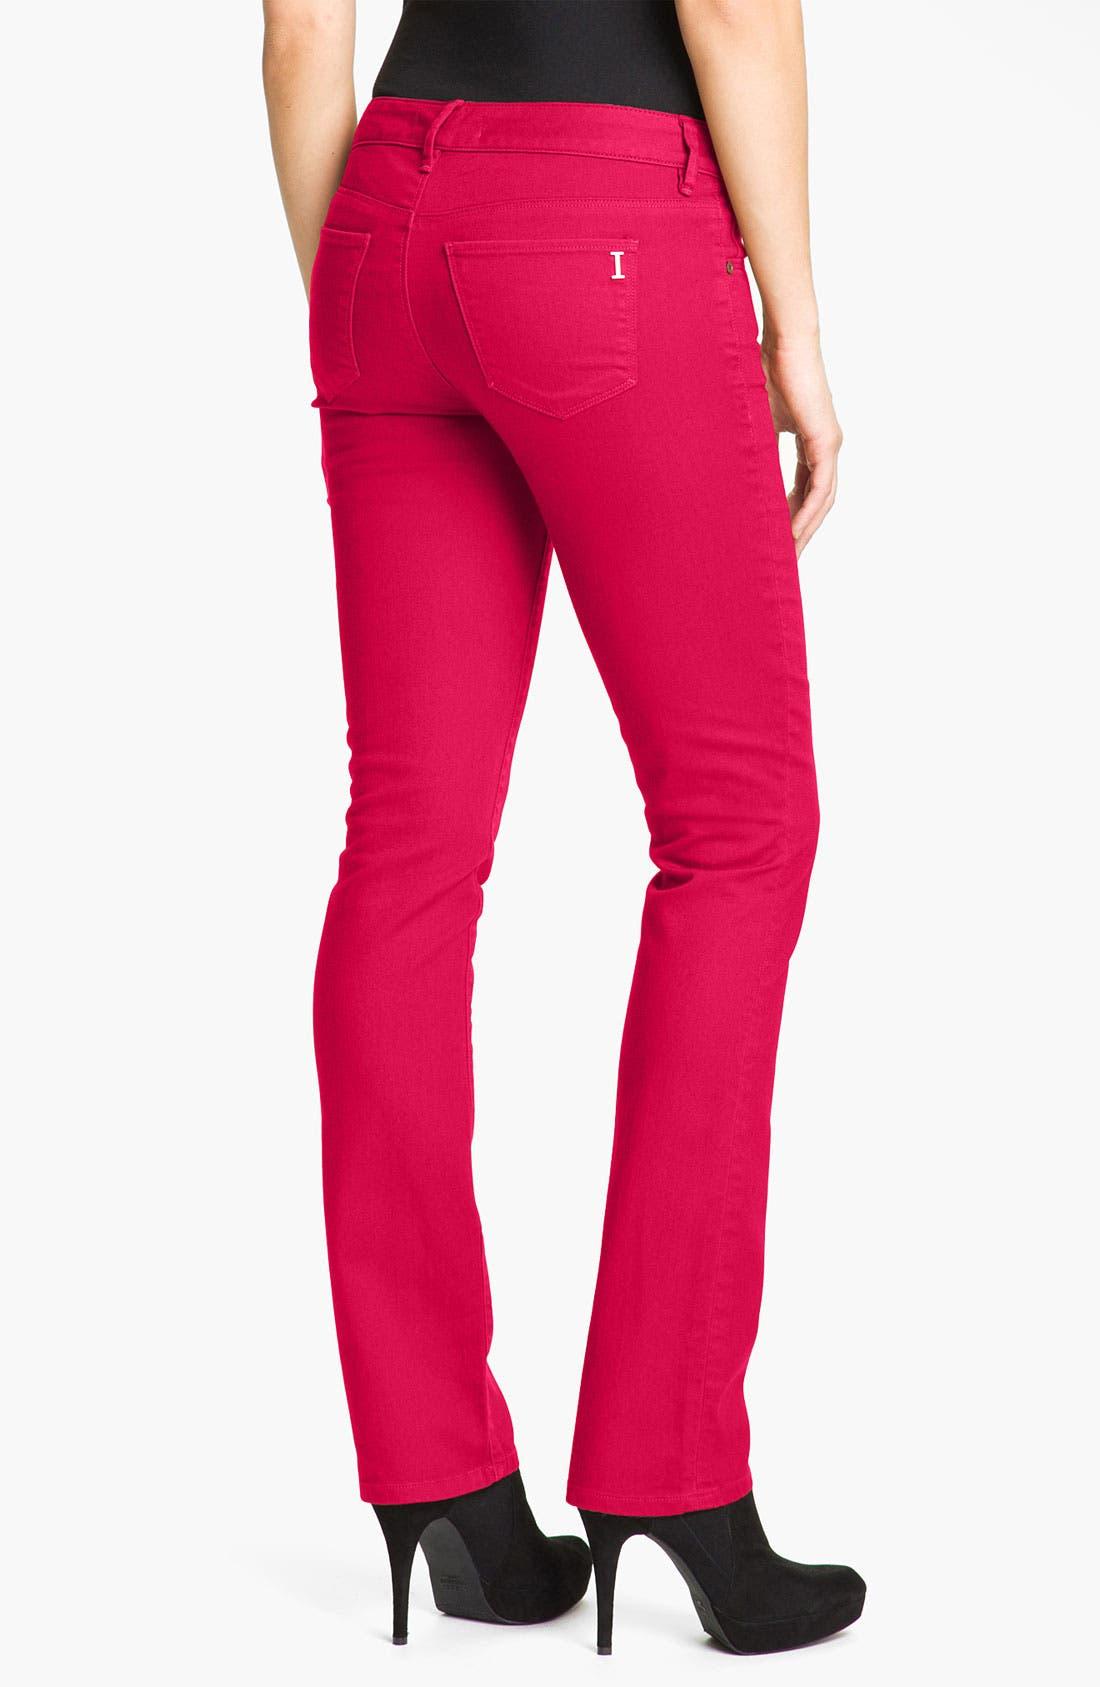 Alternate Image 2  - Isaac Mizrahi Jeans 'Emma' Straight Leg Jeans